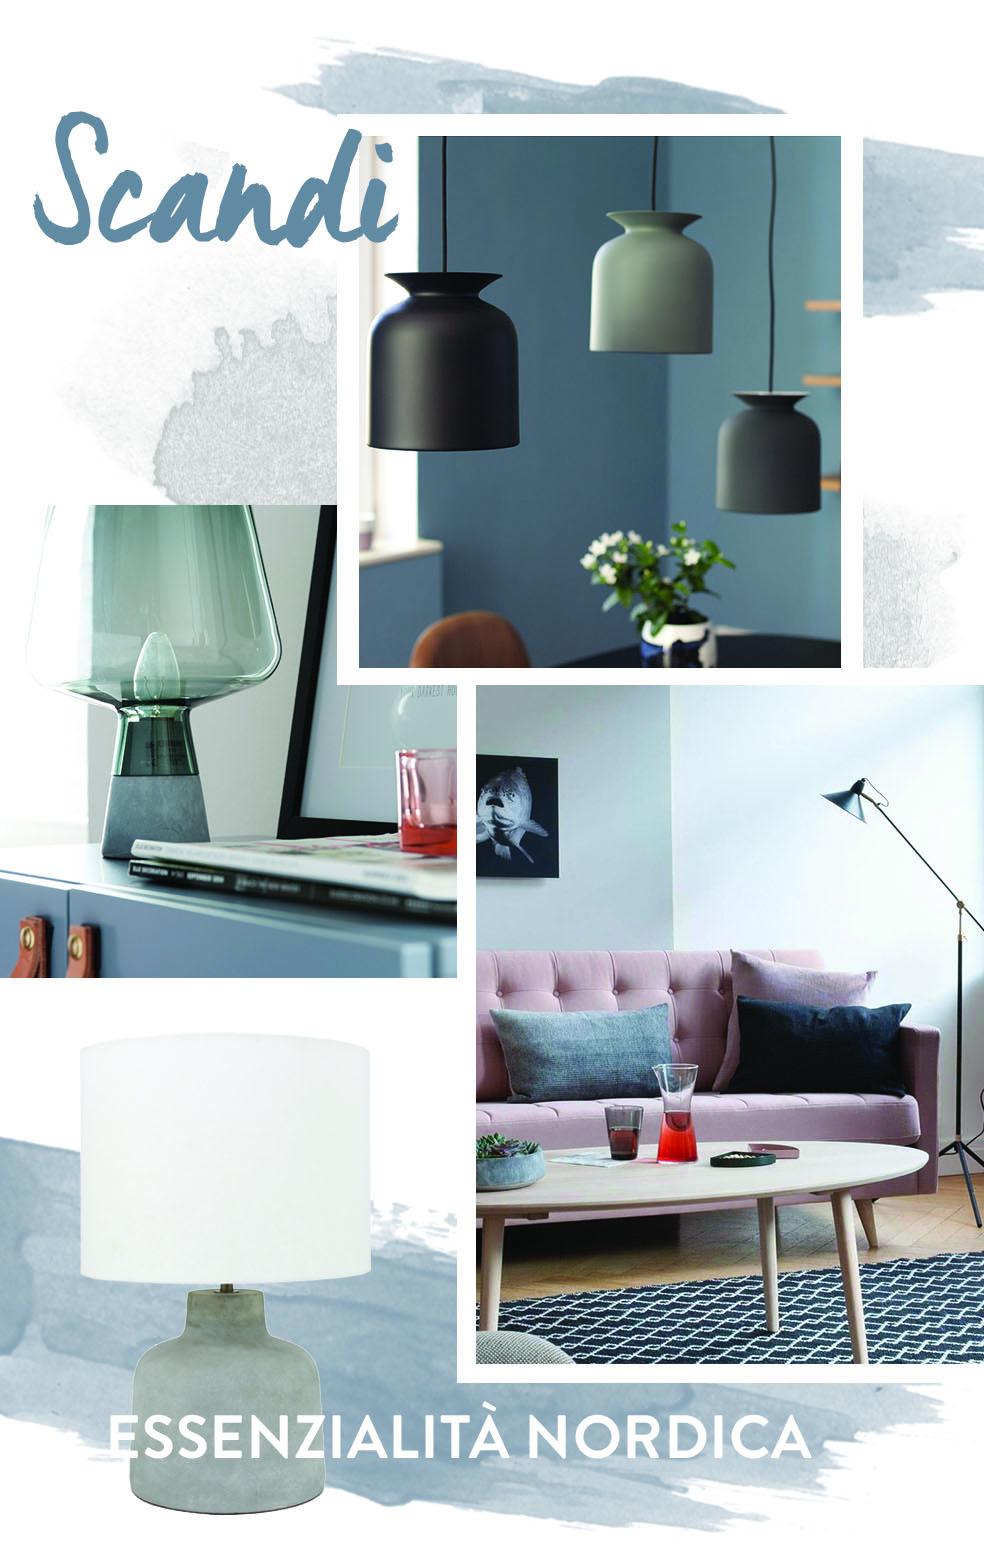 Come Scegliere La Lampada Perfetta Per Casa Vostra Dalani